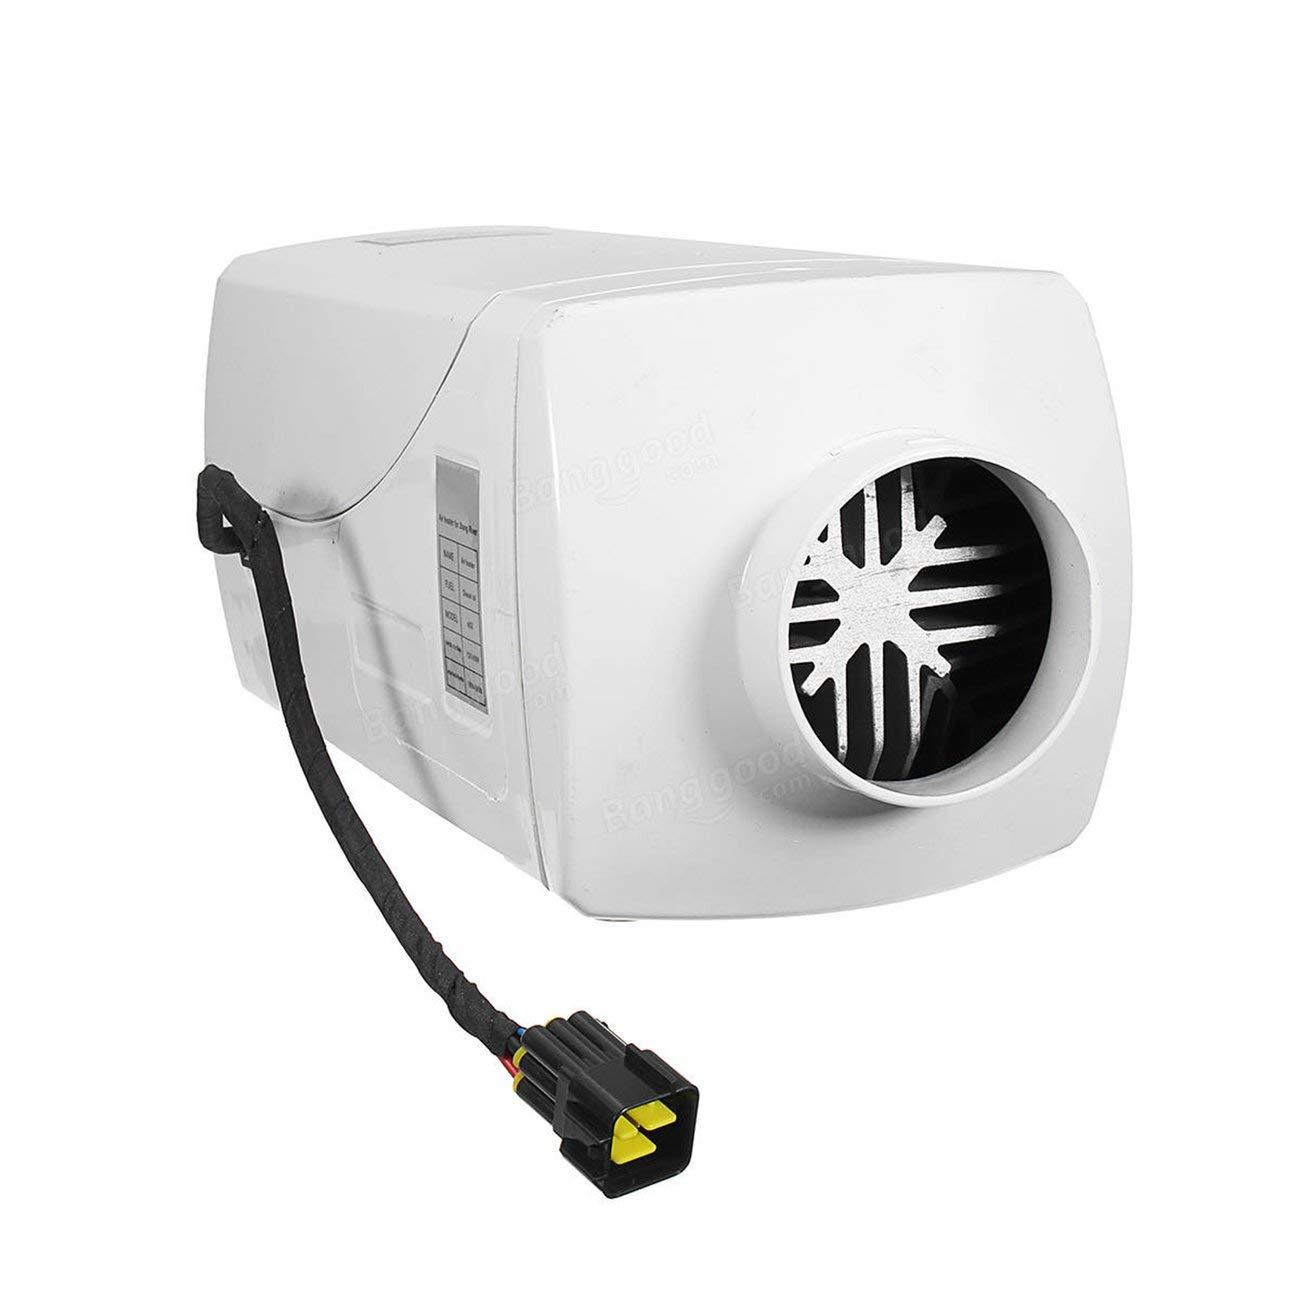 LasVogos 8kw / 12v sola LCD Con Control remoto Silenciador Silenciador Silenciador Diesel Control calentador de aire ec24a4